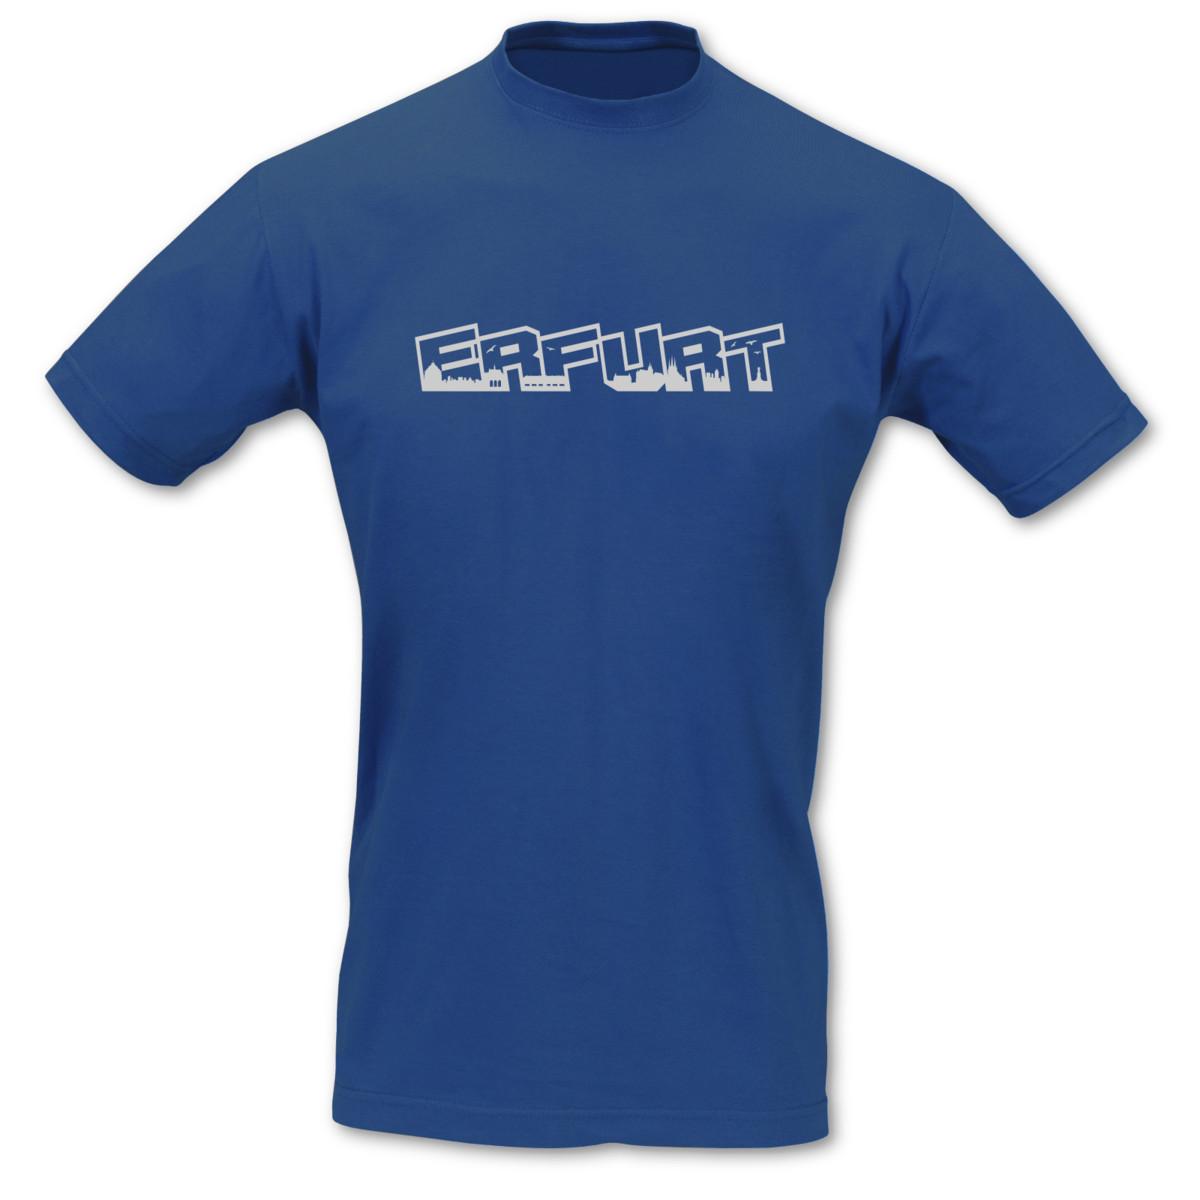 T-Shirt-Erfurt-Grafitti-Schriftzug-Skyline-8-Farben-S-5XL